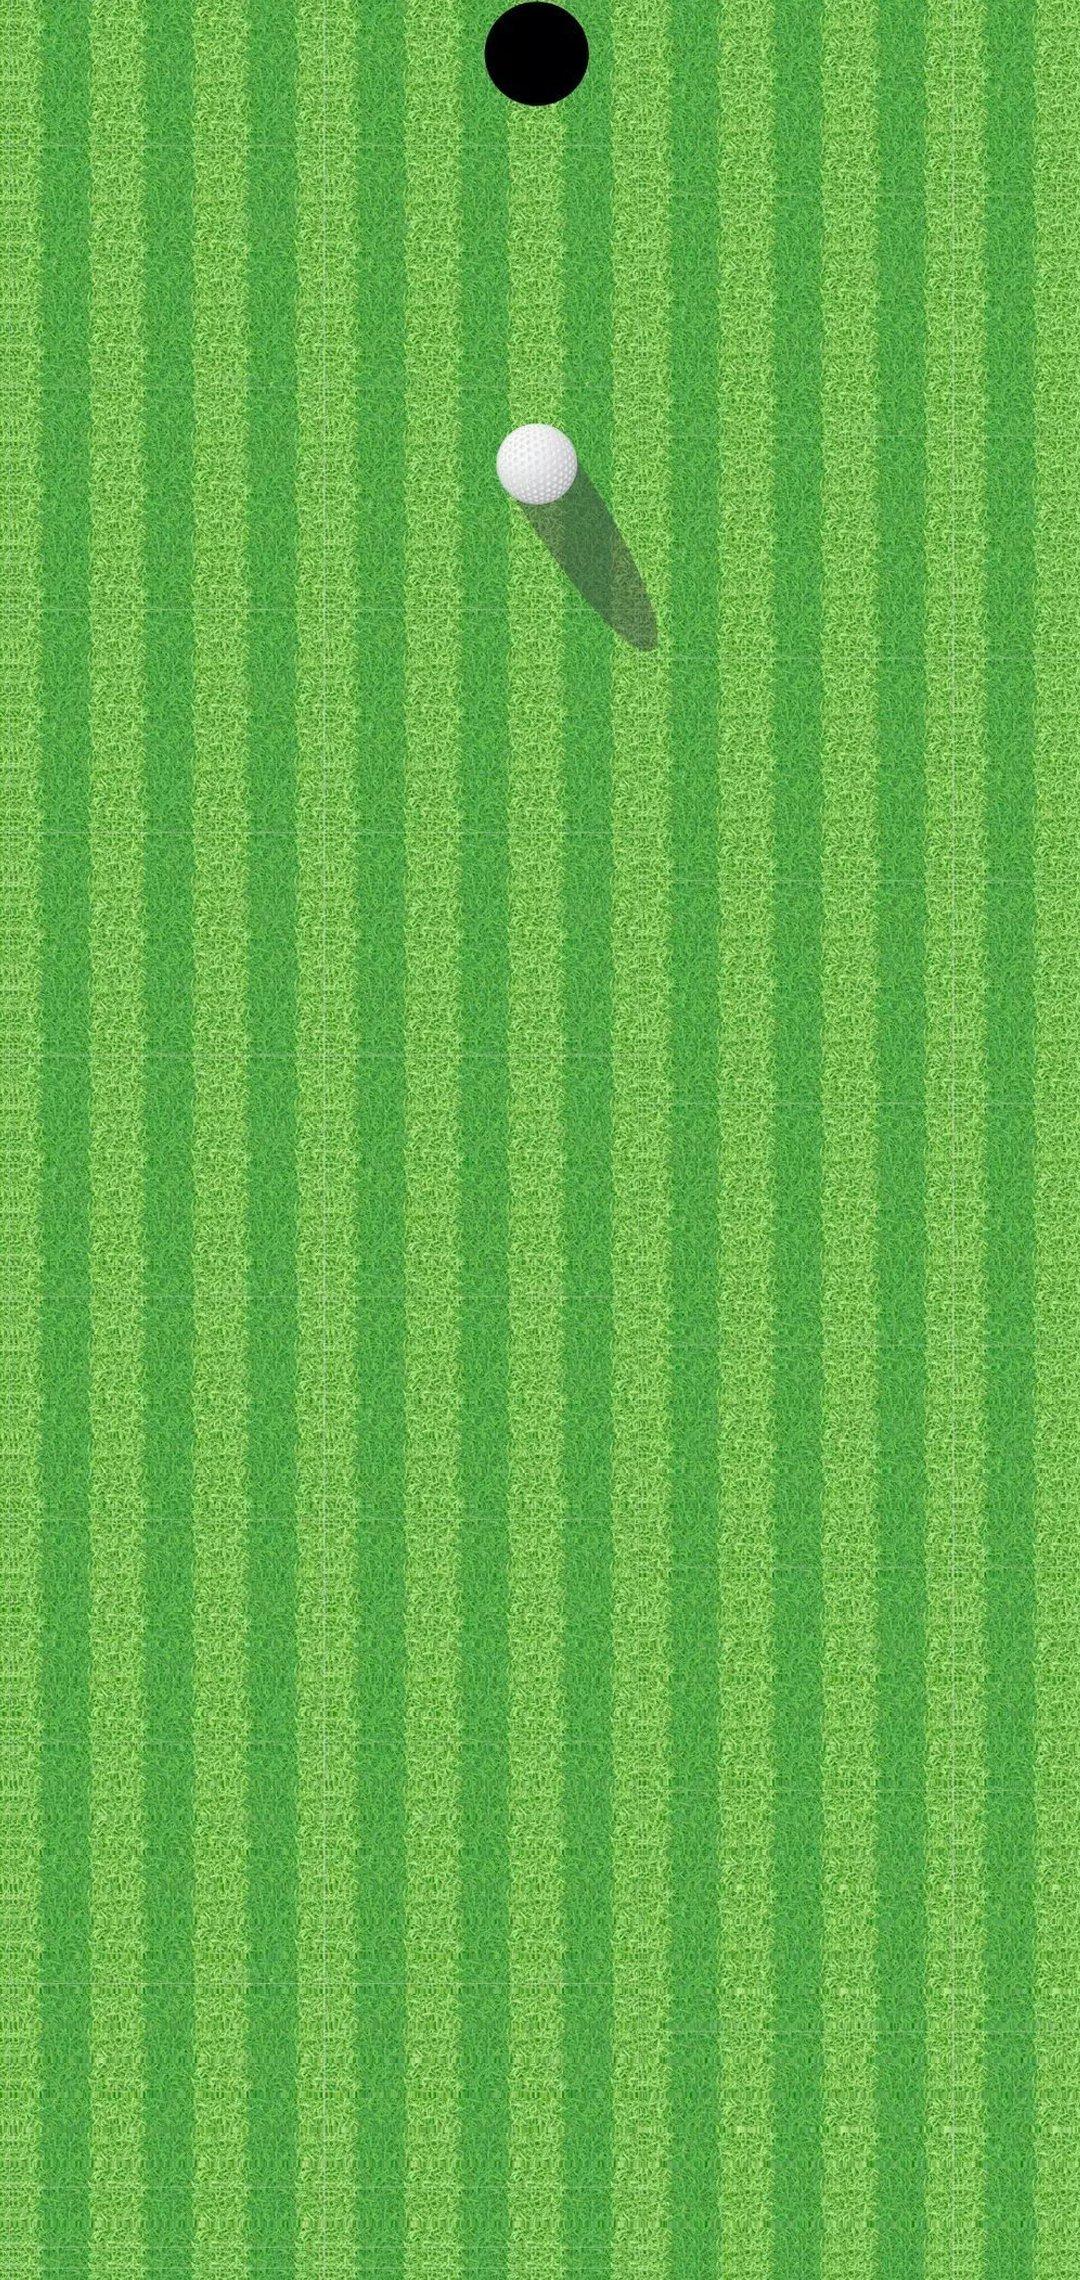 Ảnh nền ẩn nốt ruồi Samsung Note 10+sáng tạo